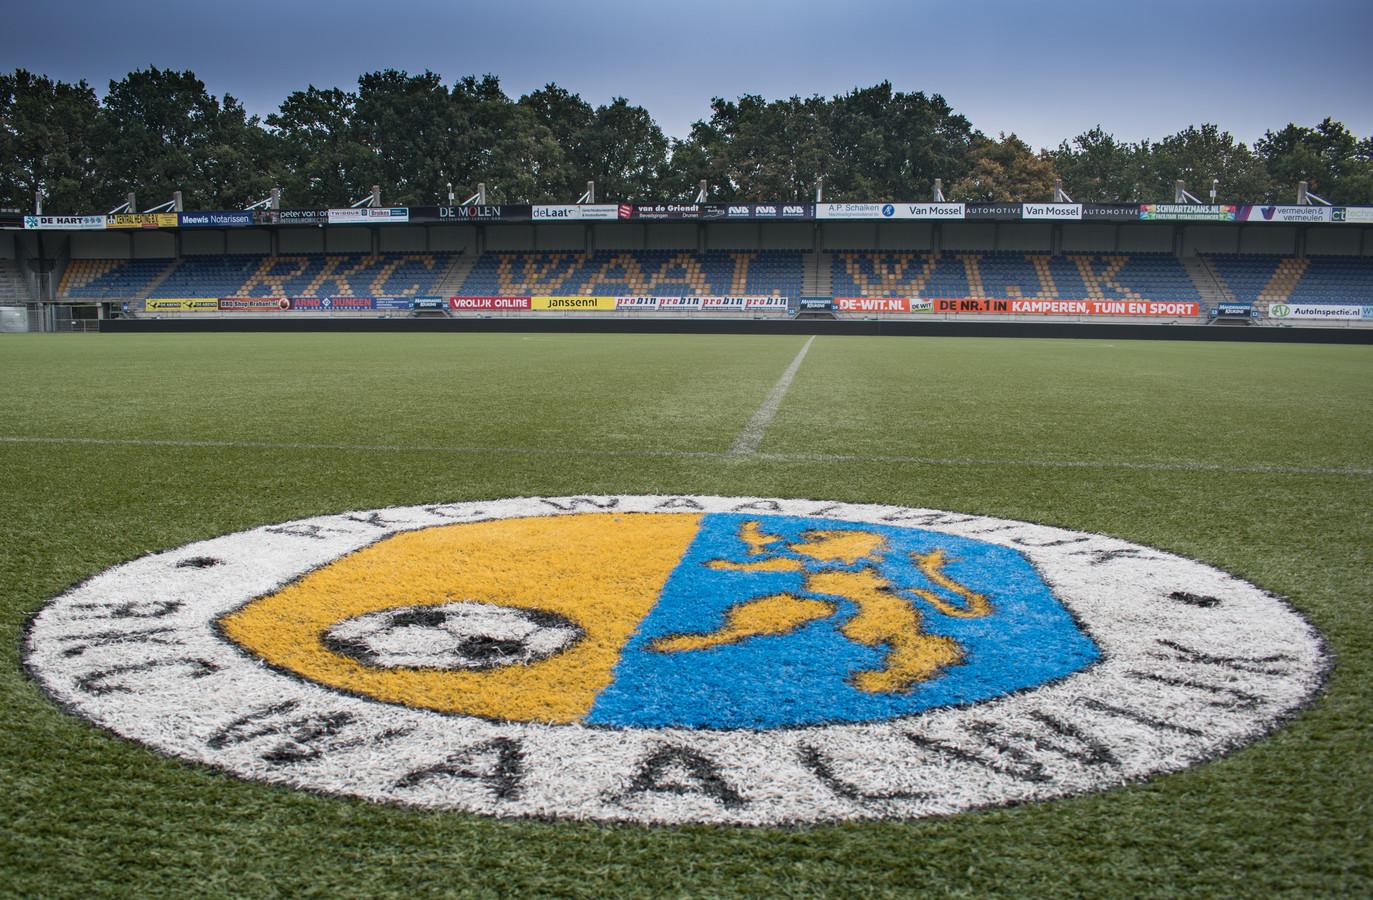 Het Mandemakers Stadion van RKC Waalwijk.